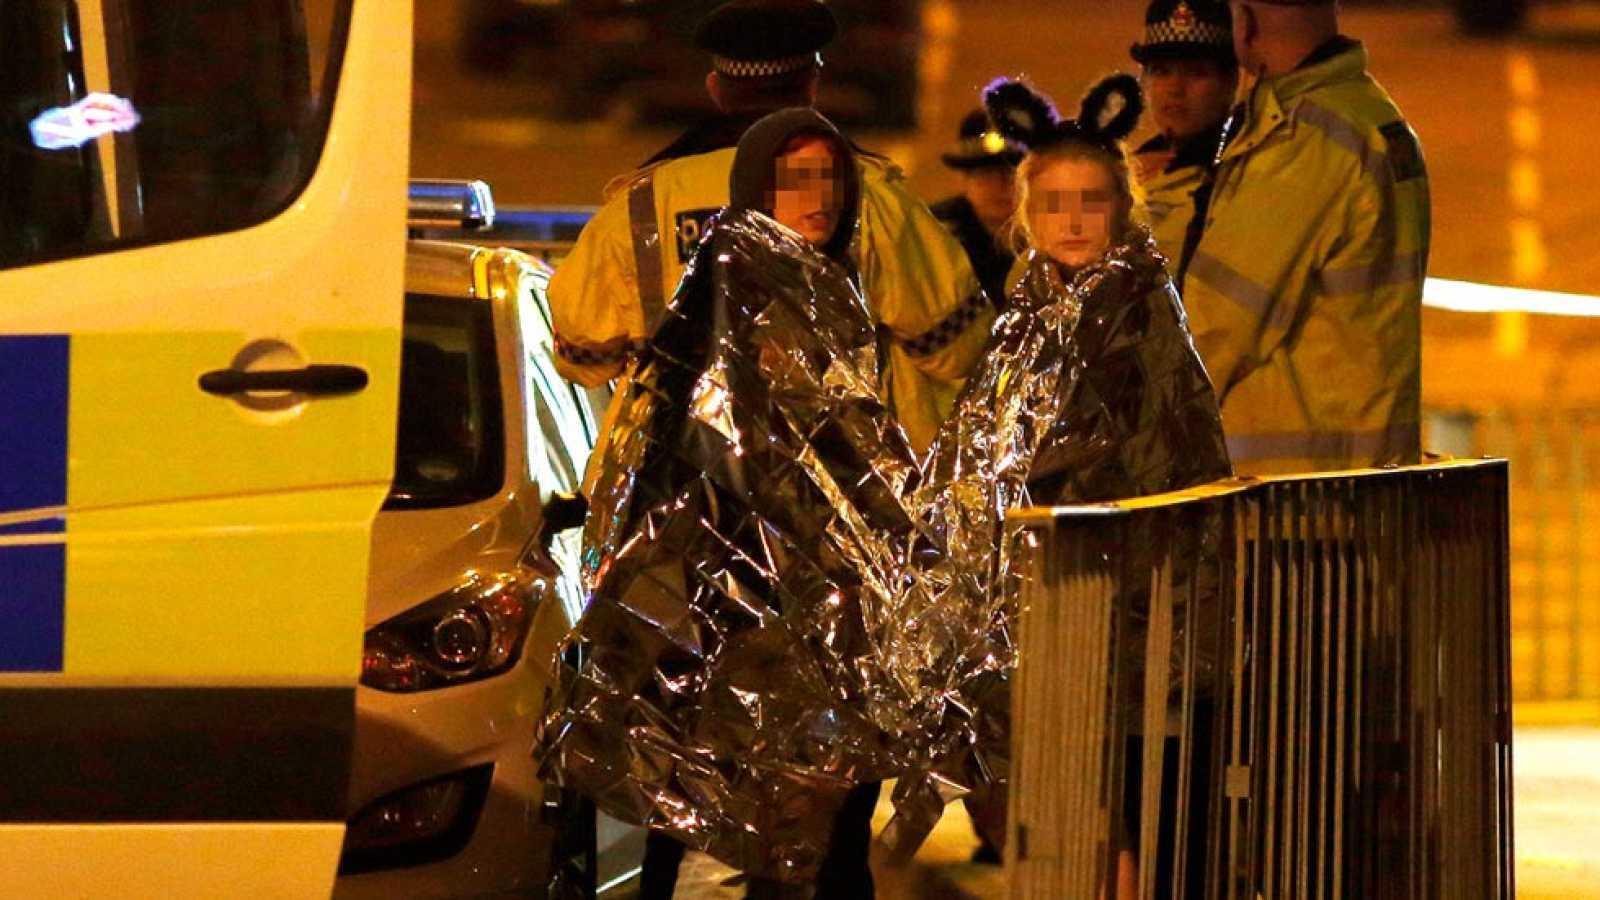 Atentado en Manchester - Al menos 22 muertos y más de 50 heridos en un atentado suicida en Manchester